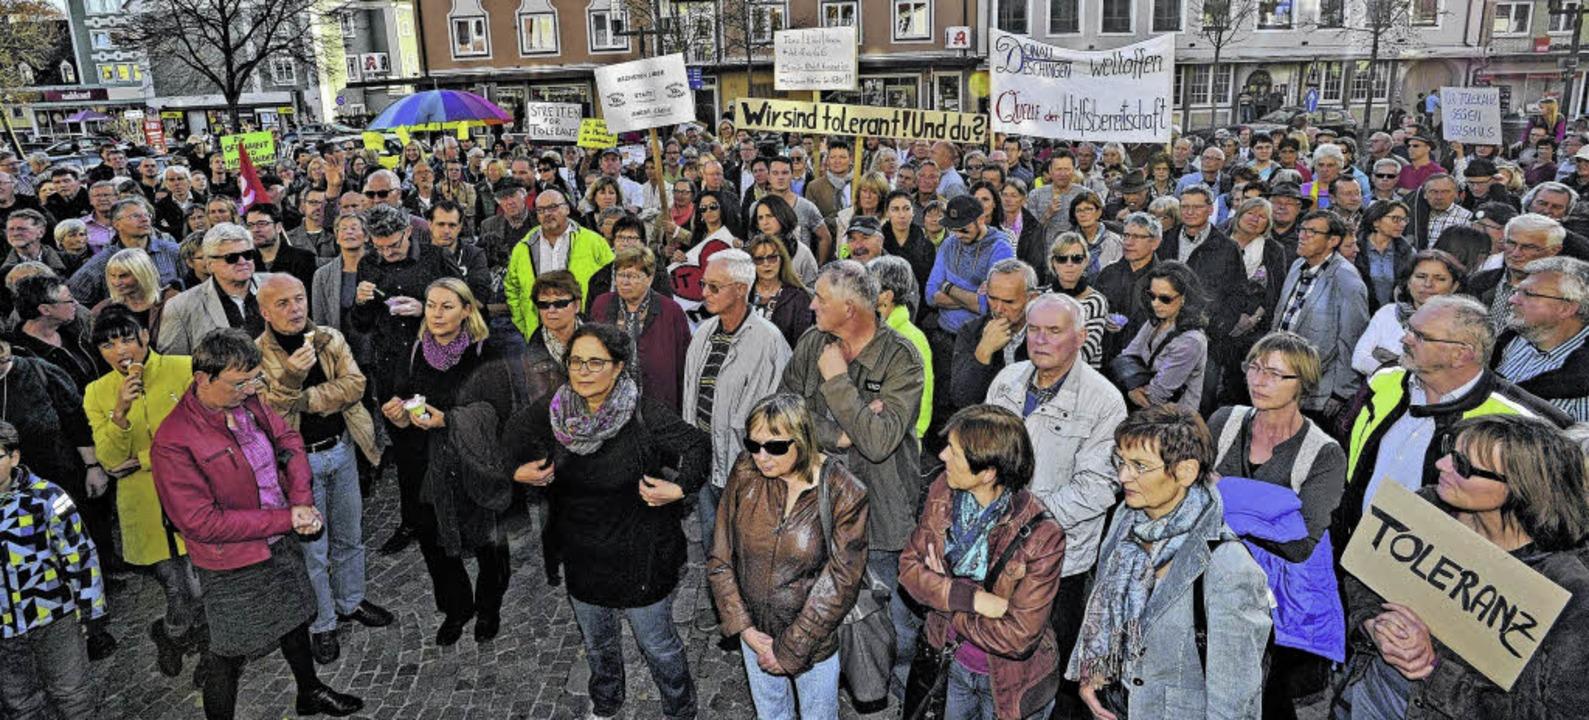 Mahnwache für eine tolerante Stadt   | Foto: Roland Sigwart